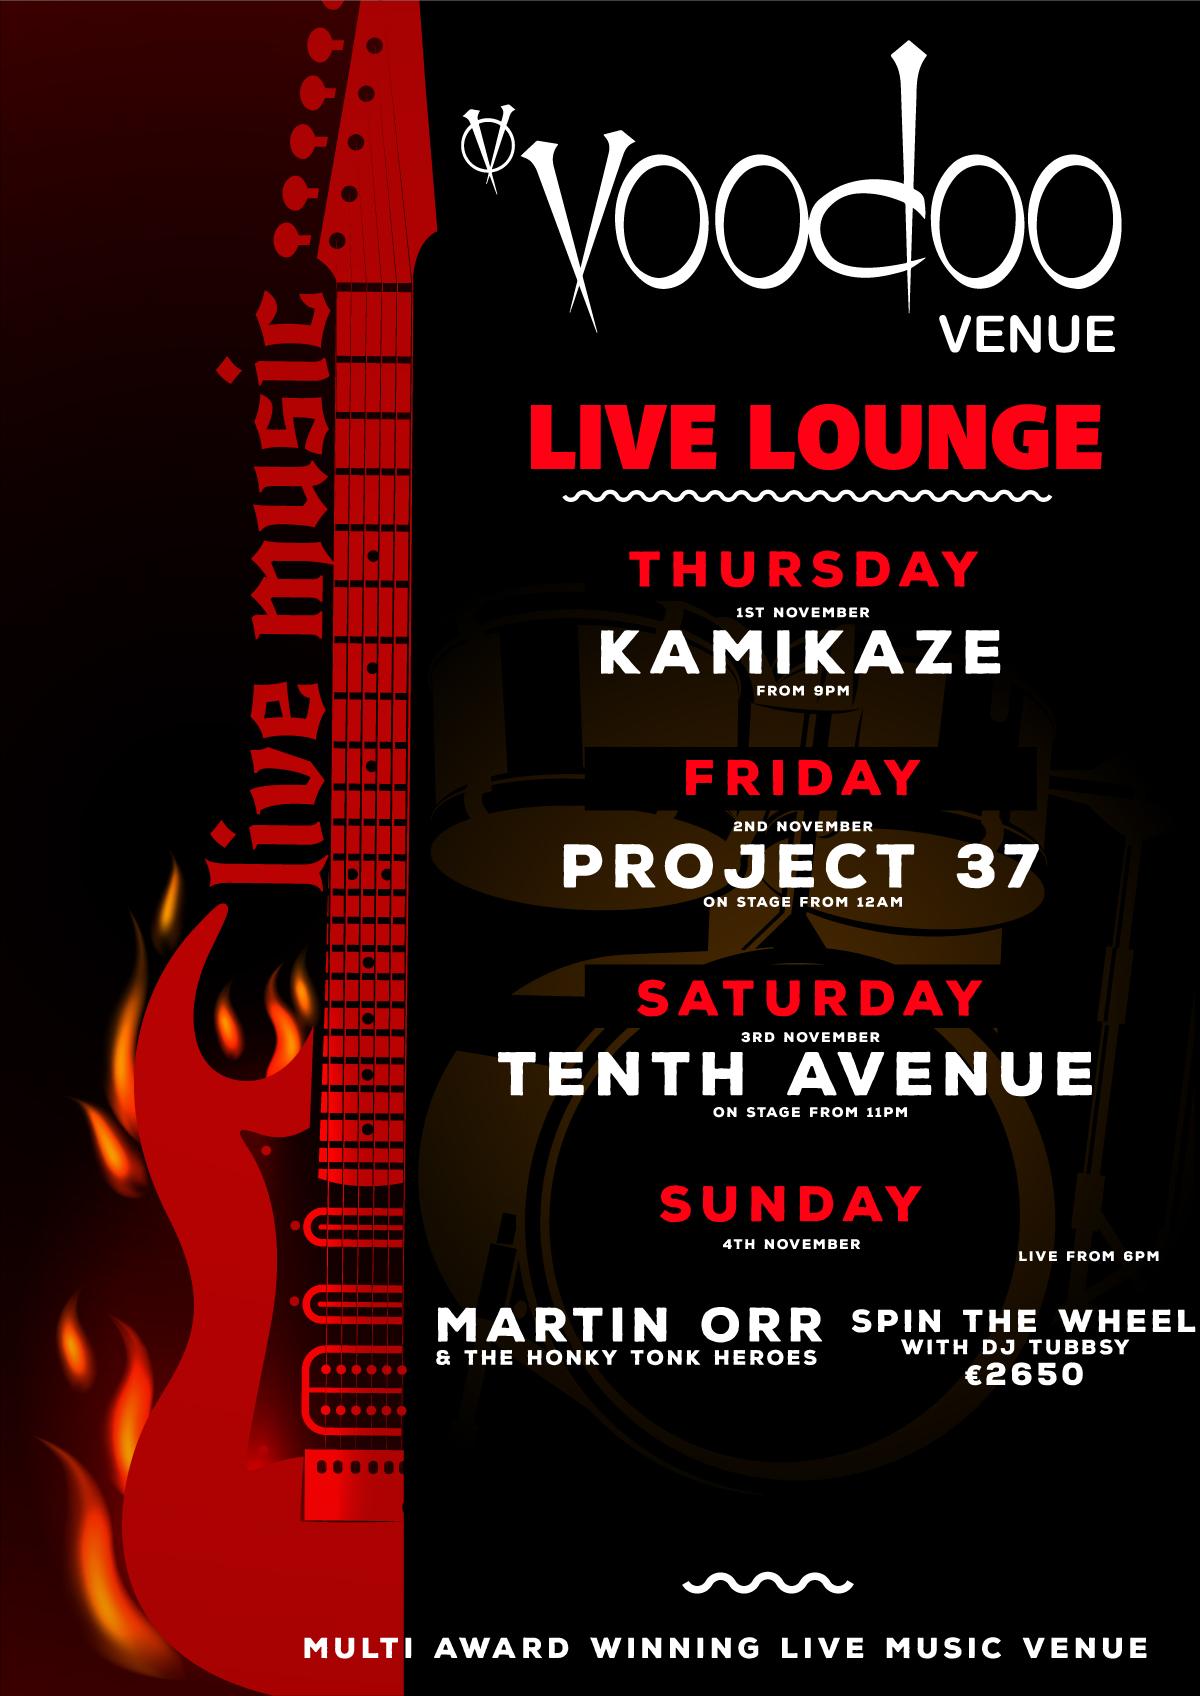 voodoo-venue---live-lounge---nov-1---4-2018.jpg